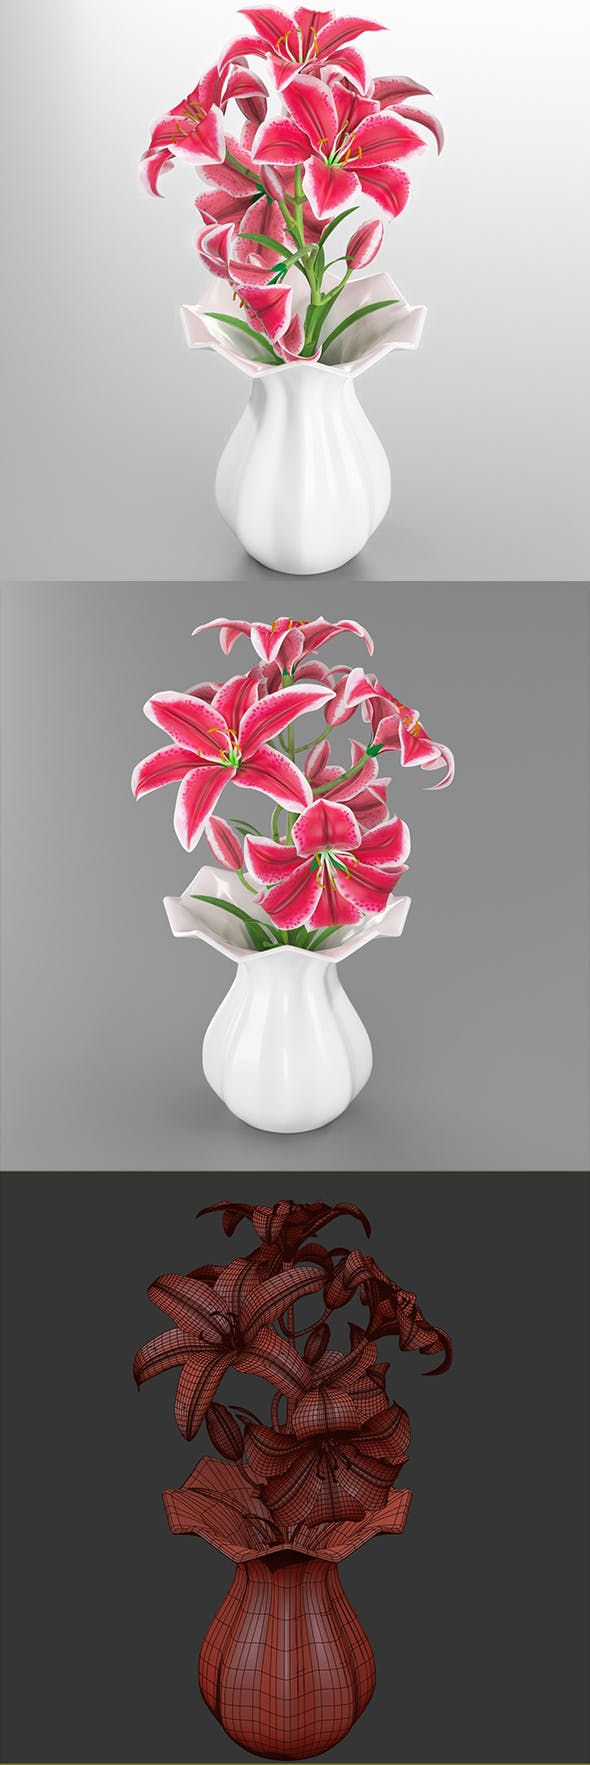 Lily pink tiger in vase - 3DOcean Item for Sale